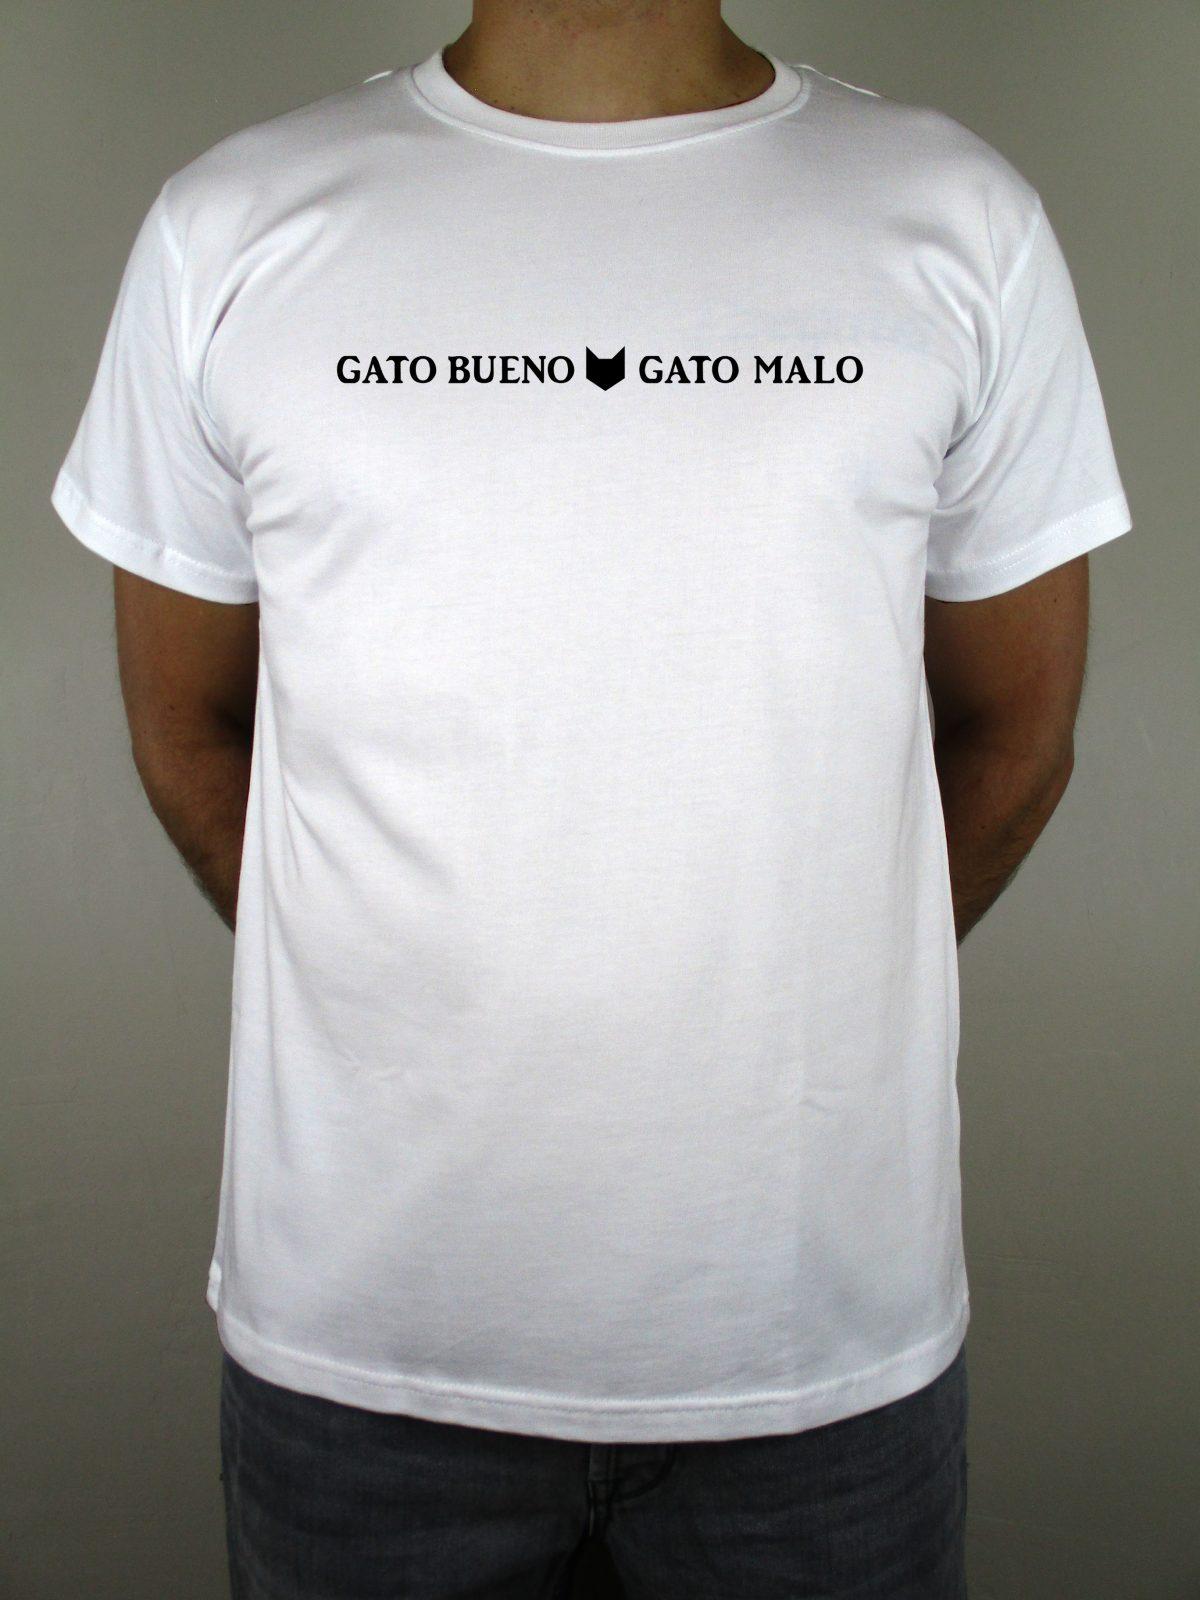 Camiseta blanca de la marca Chulapo con frase en el pecho. Para los amantes de Madrid y cuanto la rodea. Para todos los madrileños buenos y malos. Y es que Chulapo es puro sentimiento madrileño.